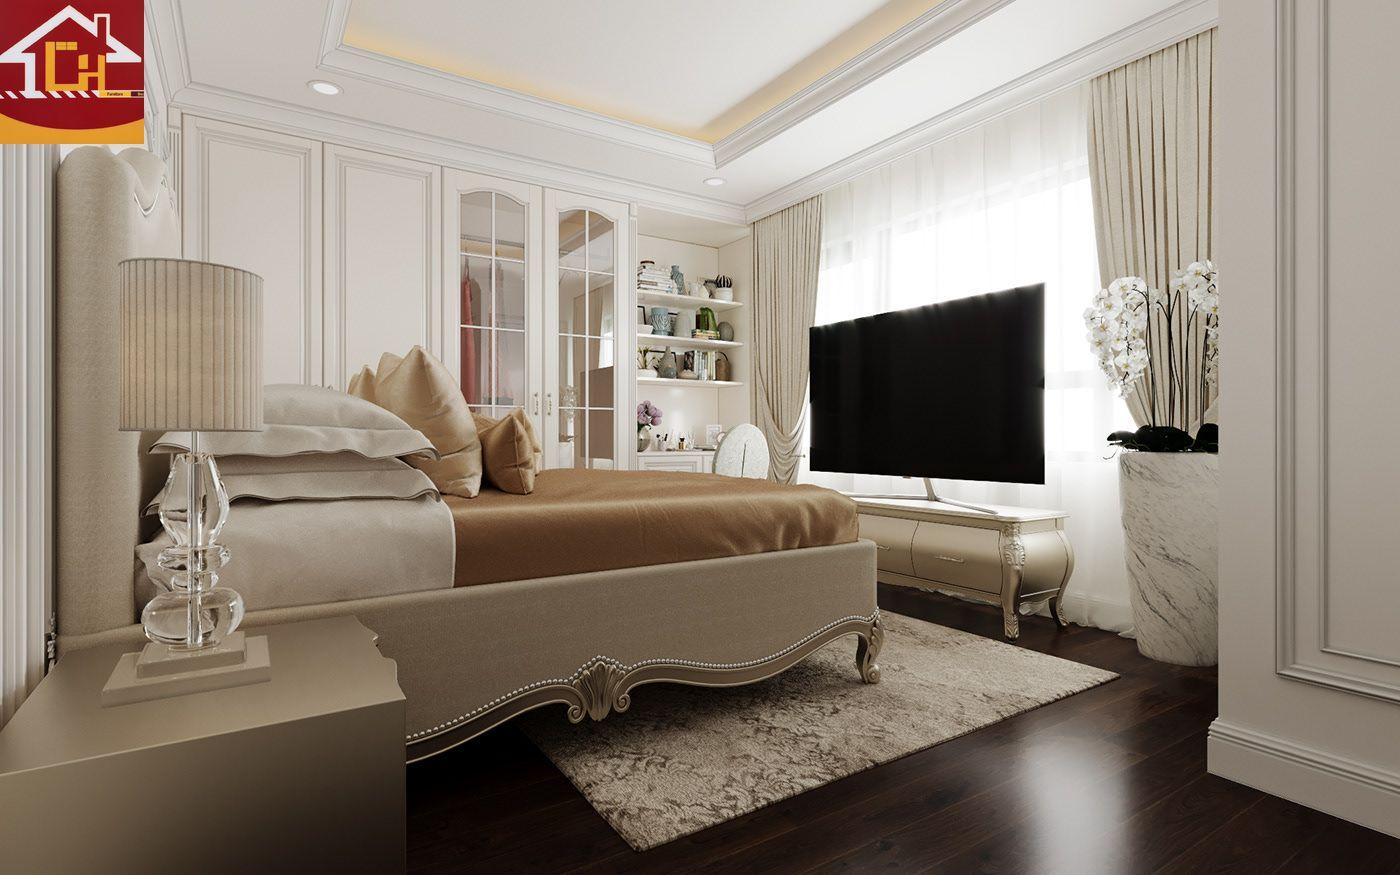 Thiết kế nội thất biệt thự tại Hưng Yên theo phong cách tân cổ điển